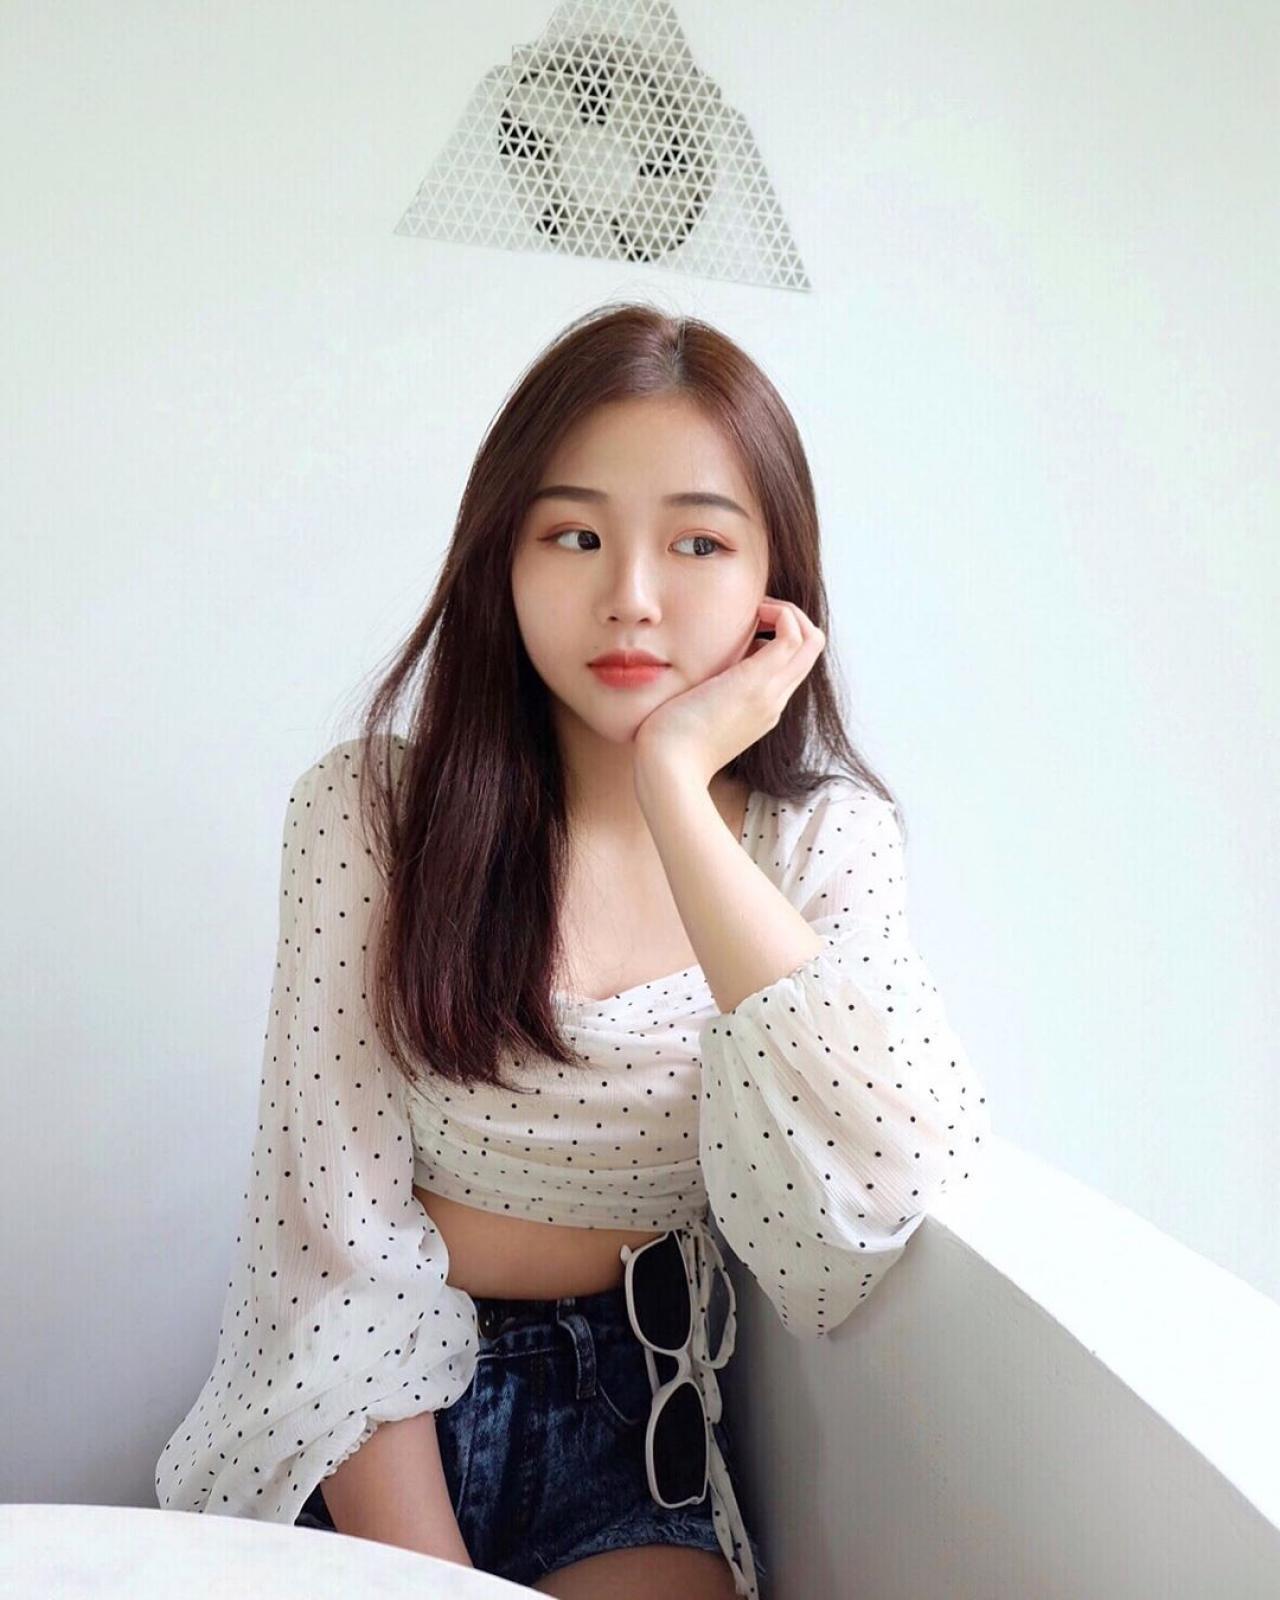 小清新正妹Janice(中国台湾美女)家中甜美自拍